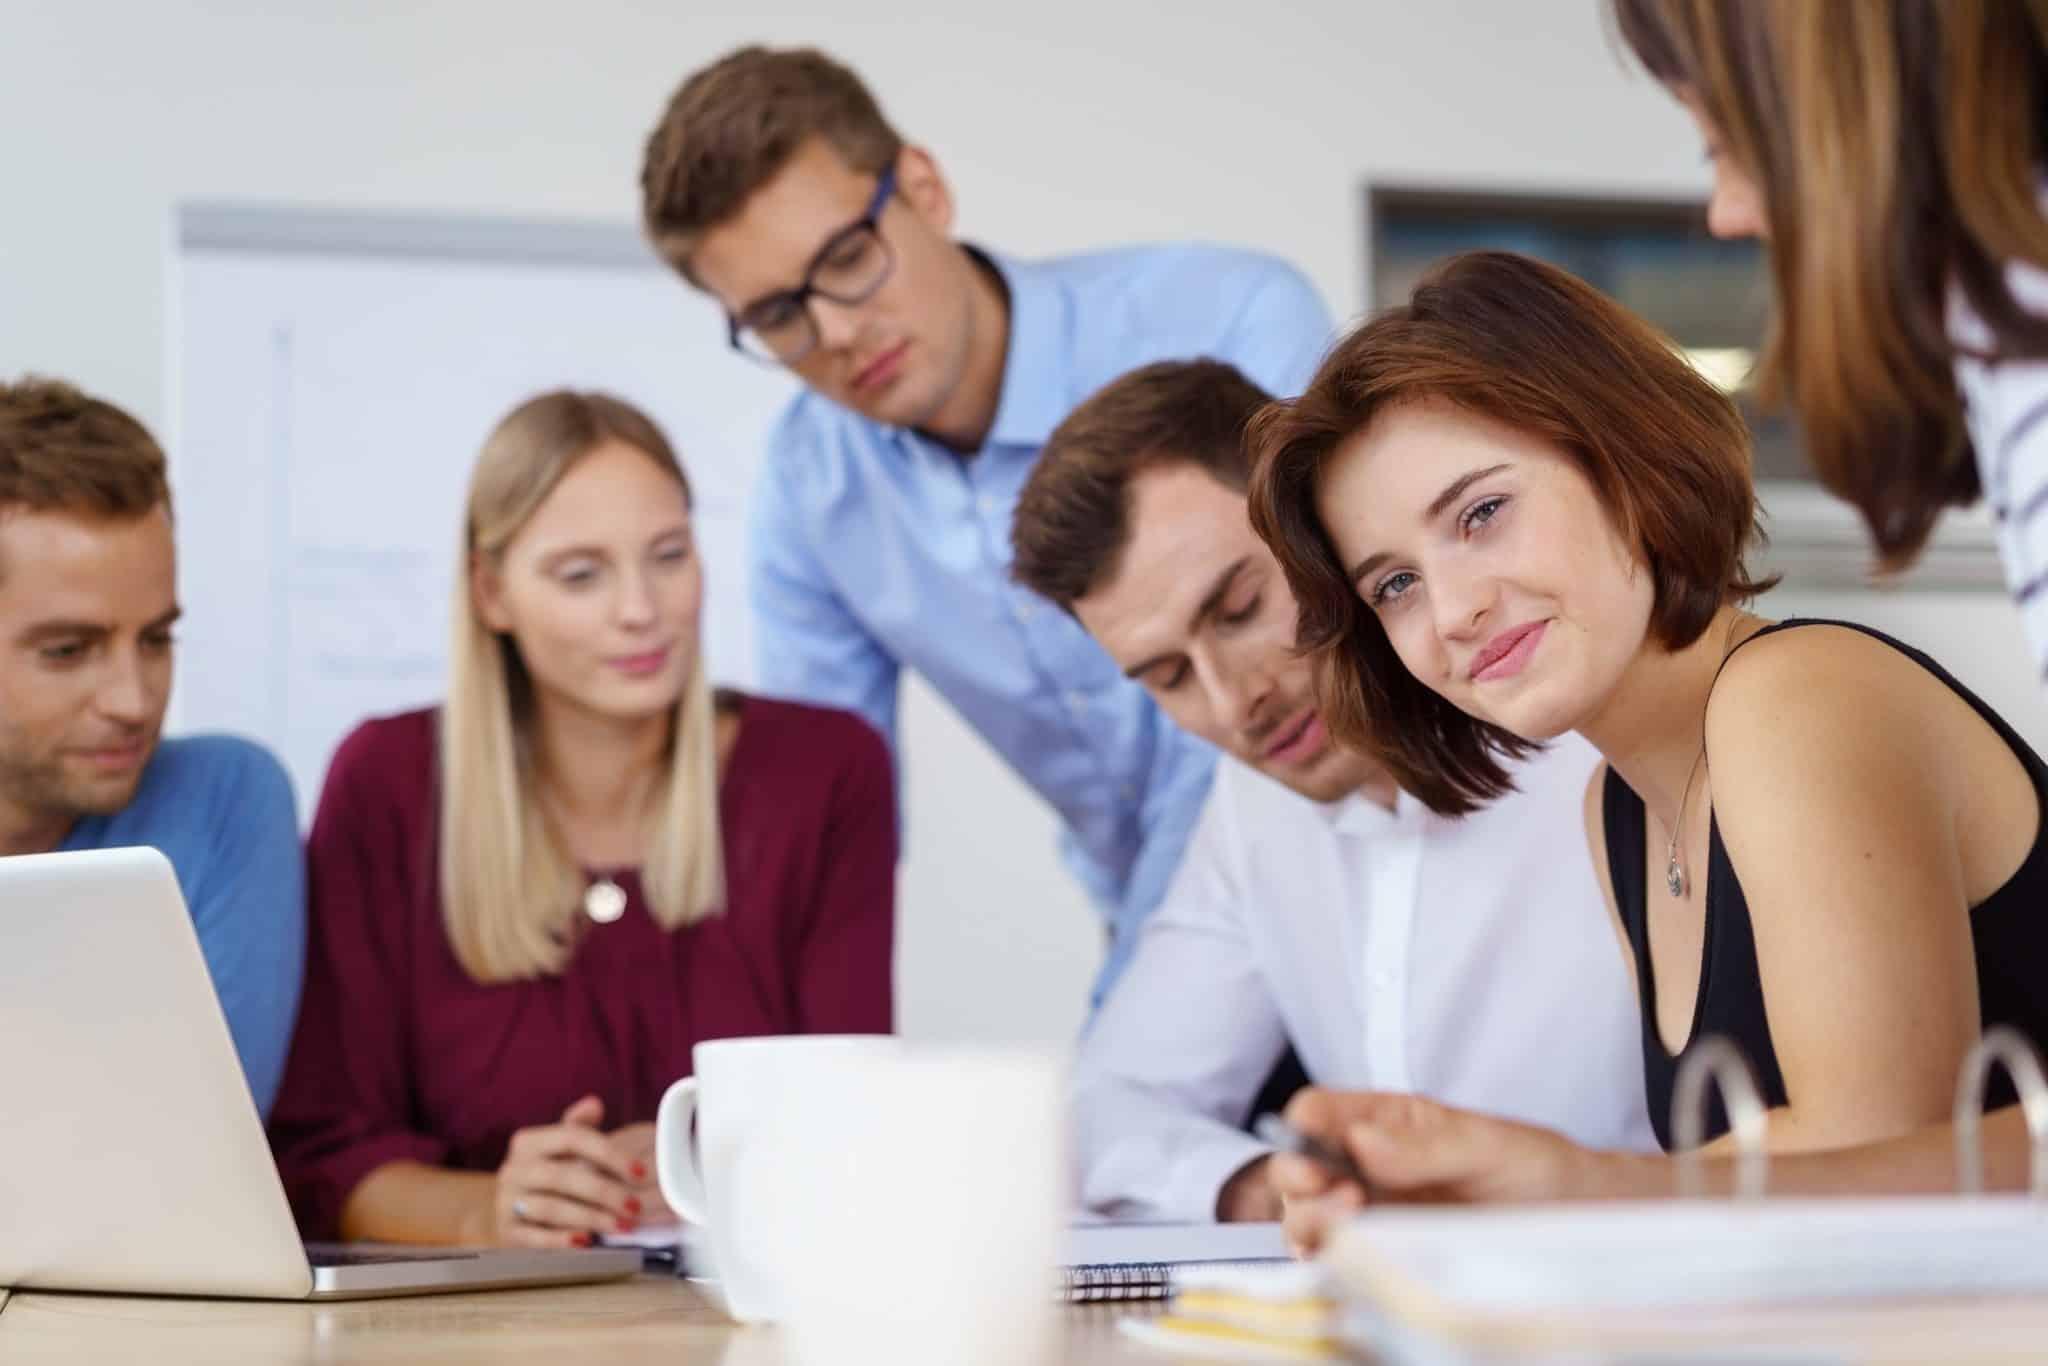 Schulung Leadership - Teams führen